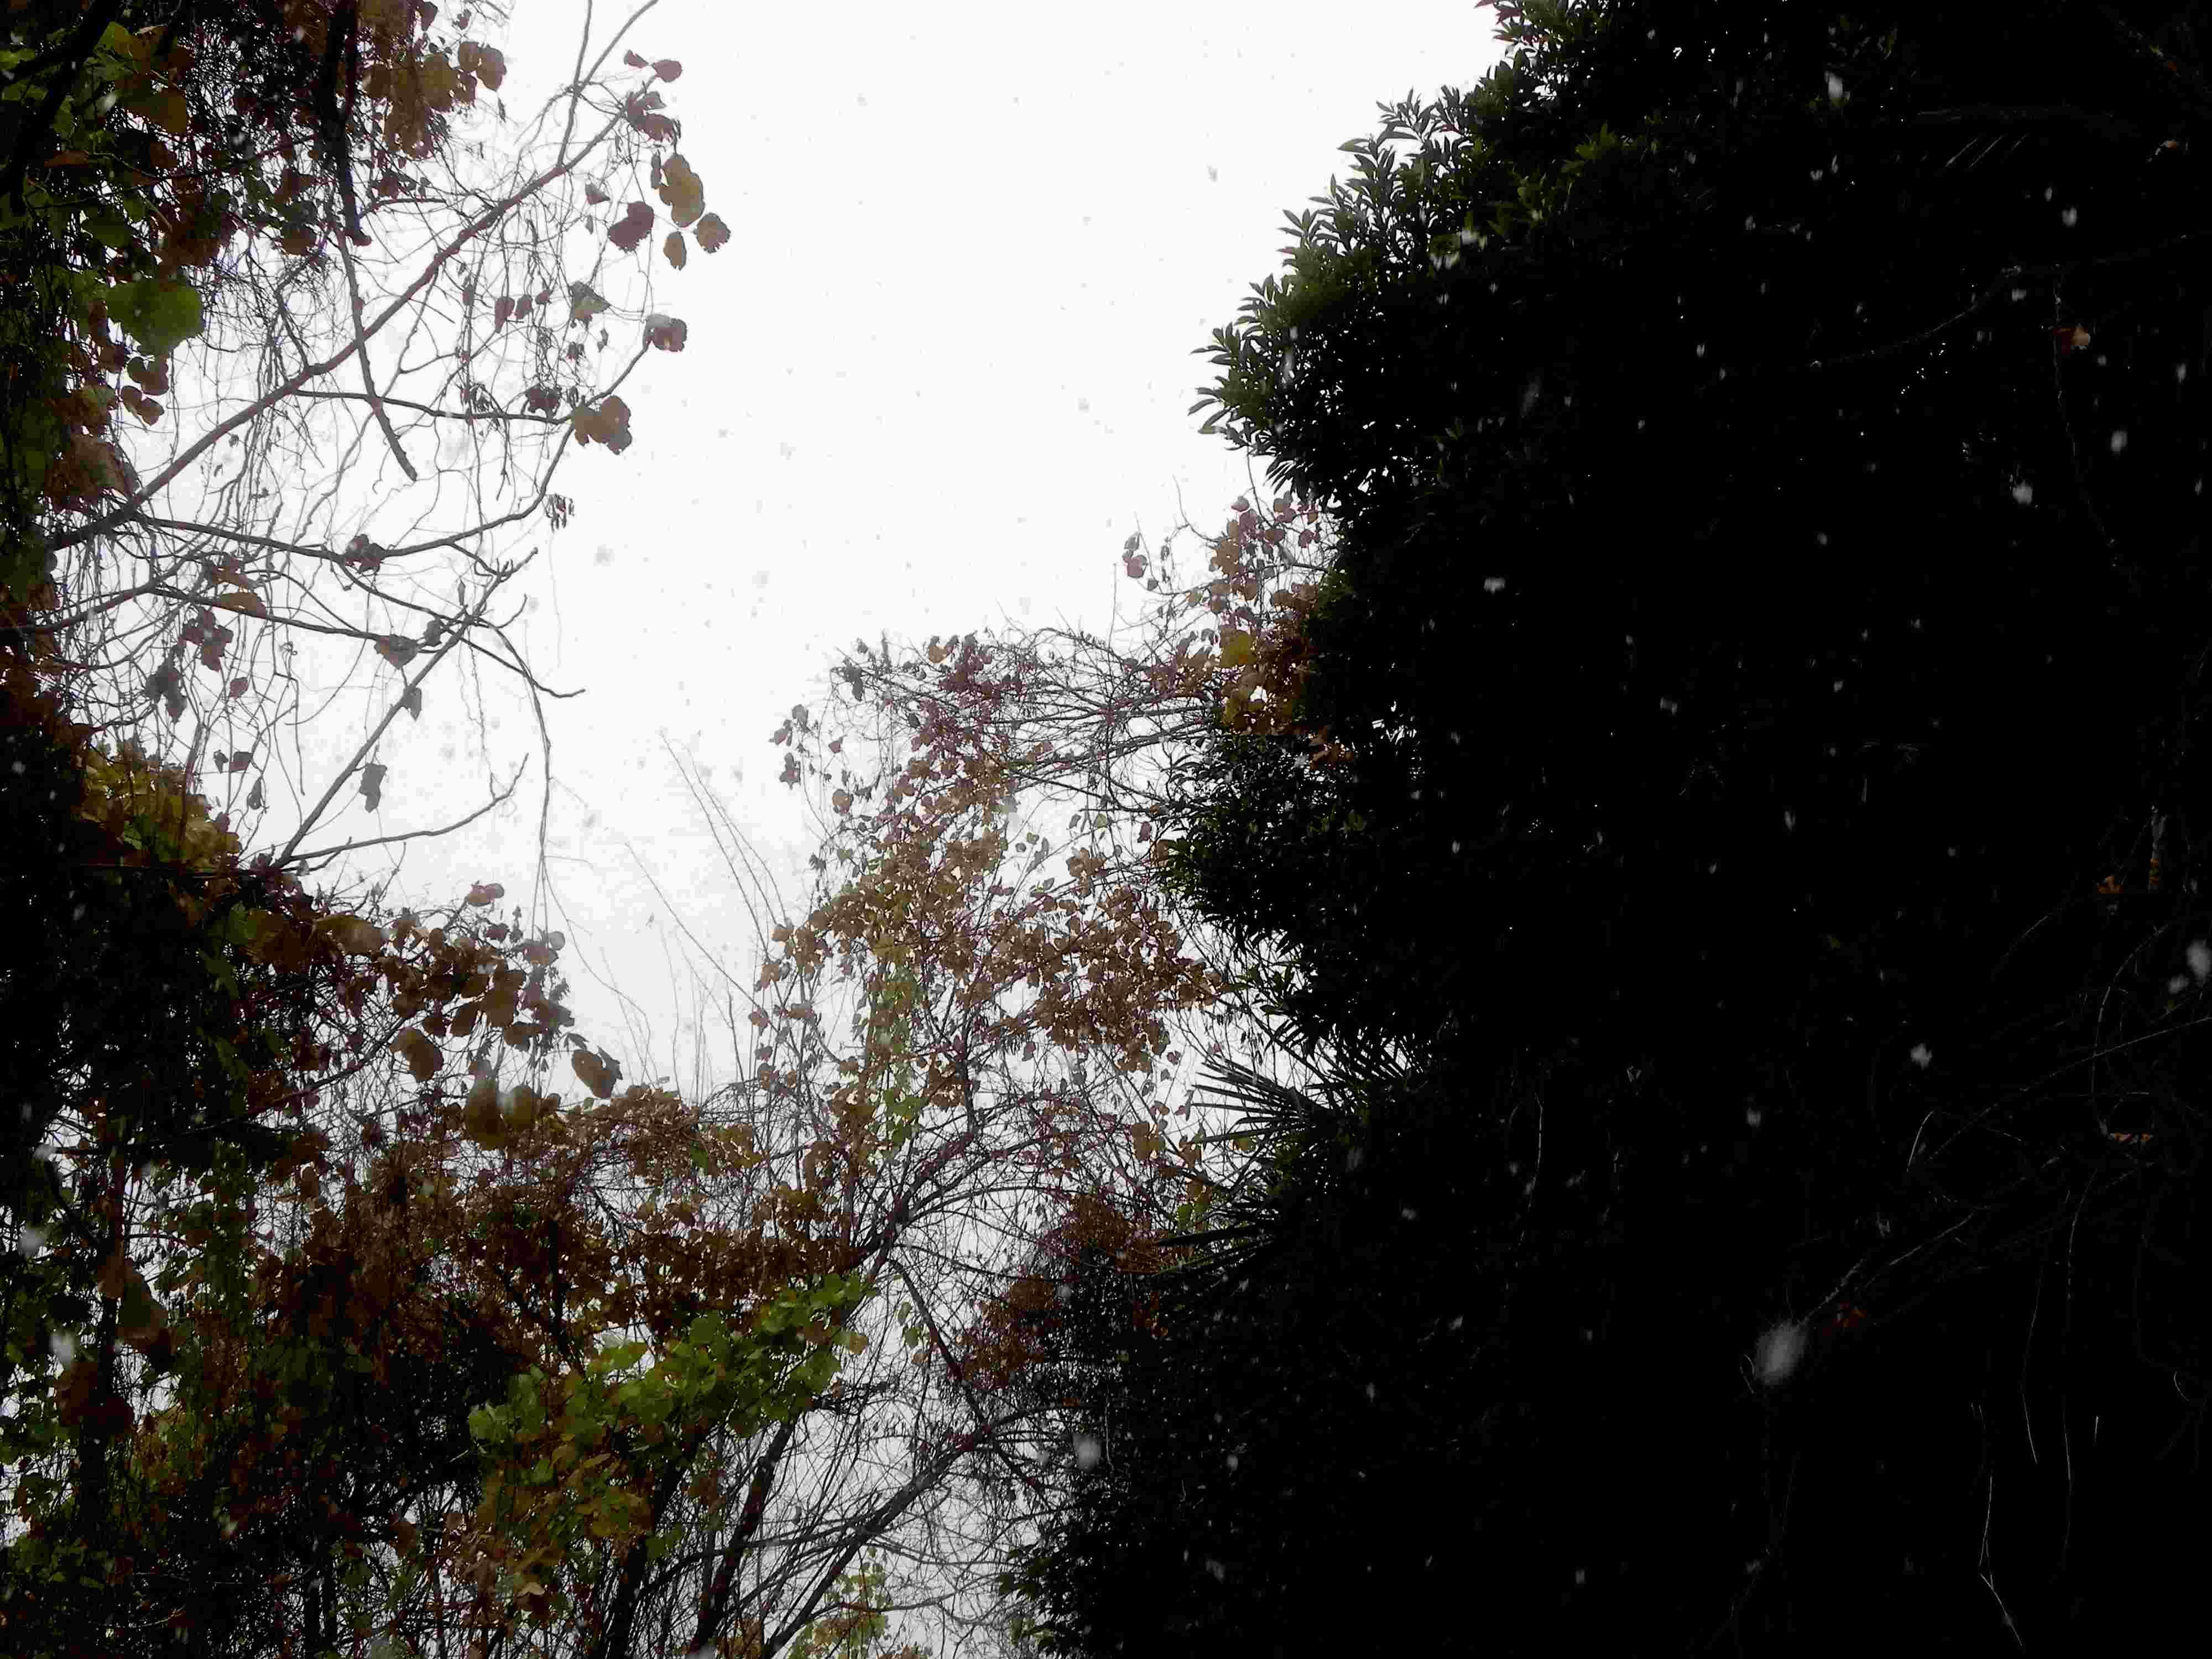 ムラサキツバメシジミ  初雪の中の越冬集団_d0254540_1037733.jpg